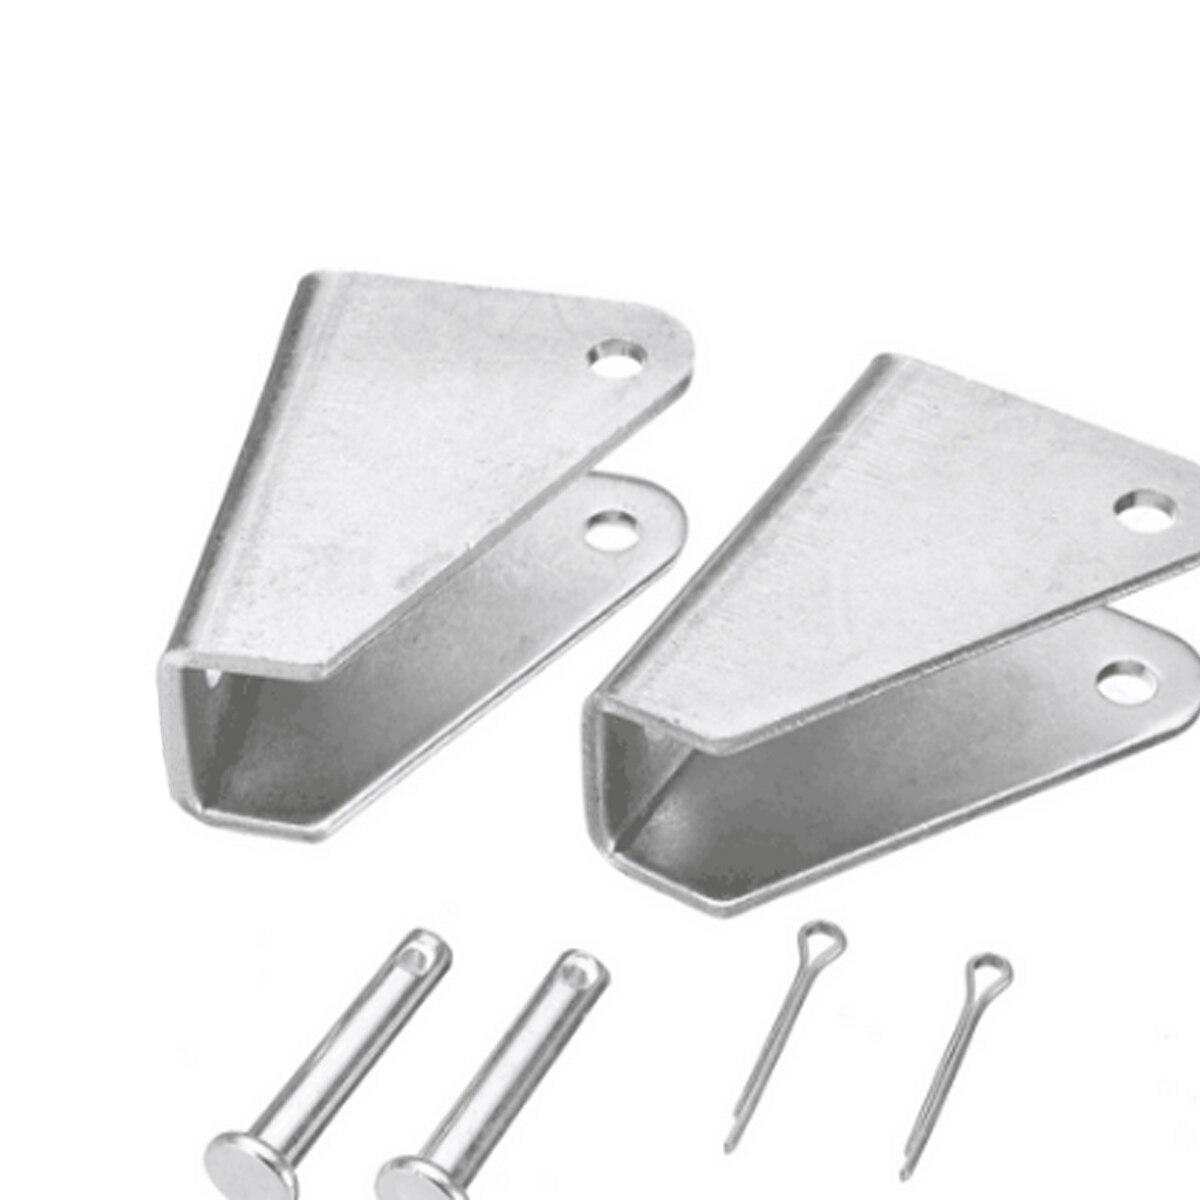 Suporte do atuador linear resistente do motor da haste de impulso elétrica dc suporte de montagem portátil do motor alternativo